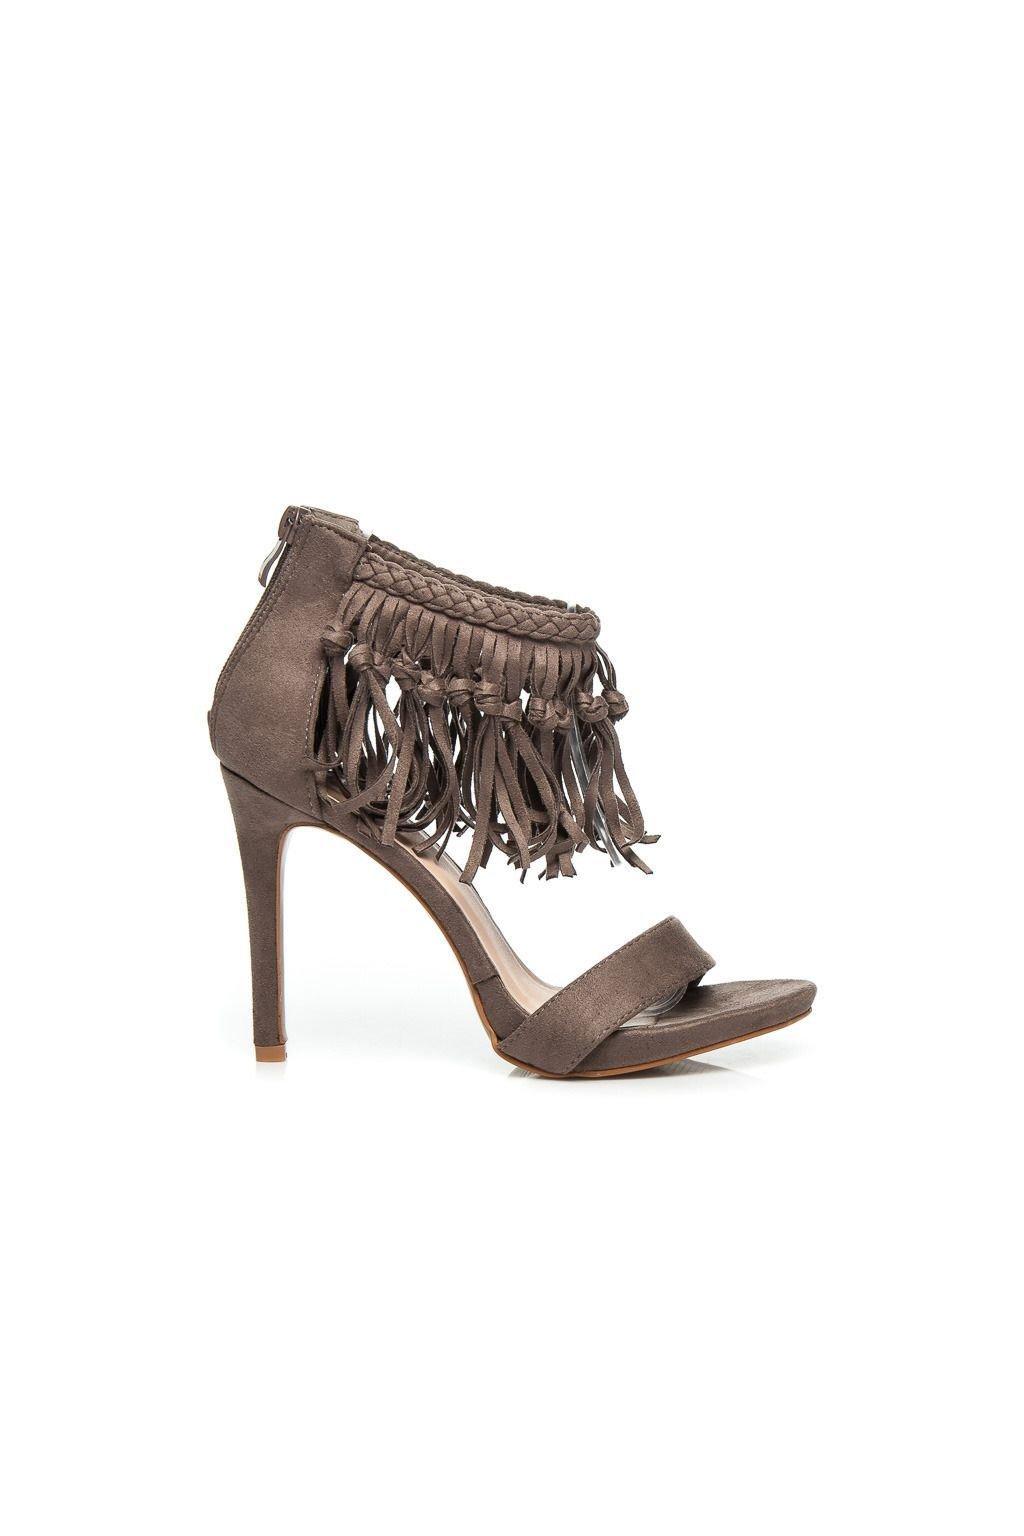 Módní hnědé sandály s třásněmi